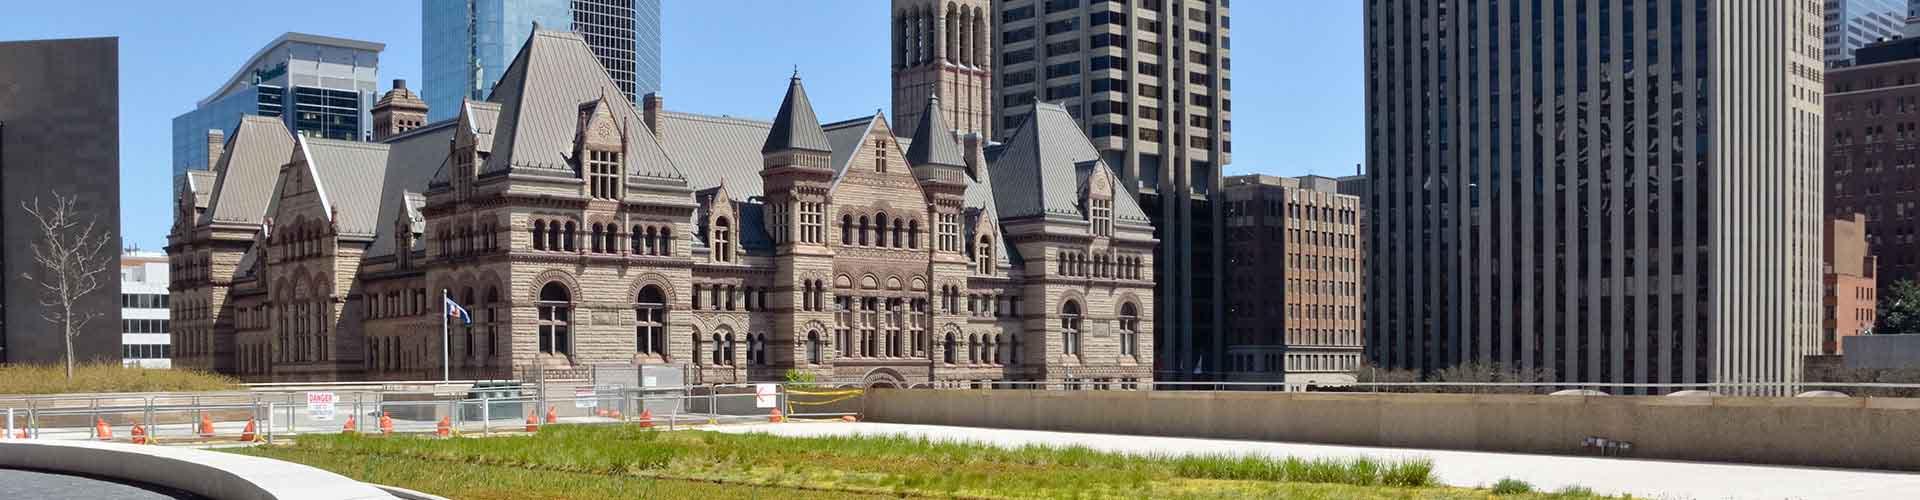 토론토 - Old Toronto지역에 위치한 호스텔. 토론토의 지도, 토론토에 위치한 호스텔에 대한 사진 및 리뷰.